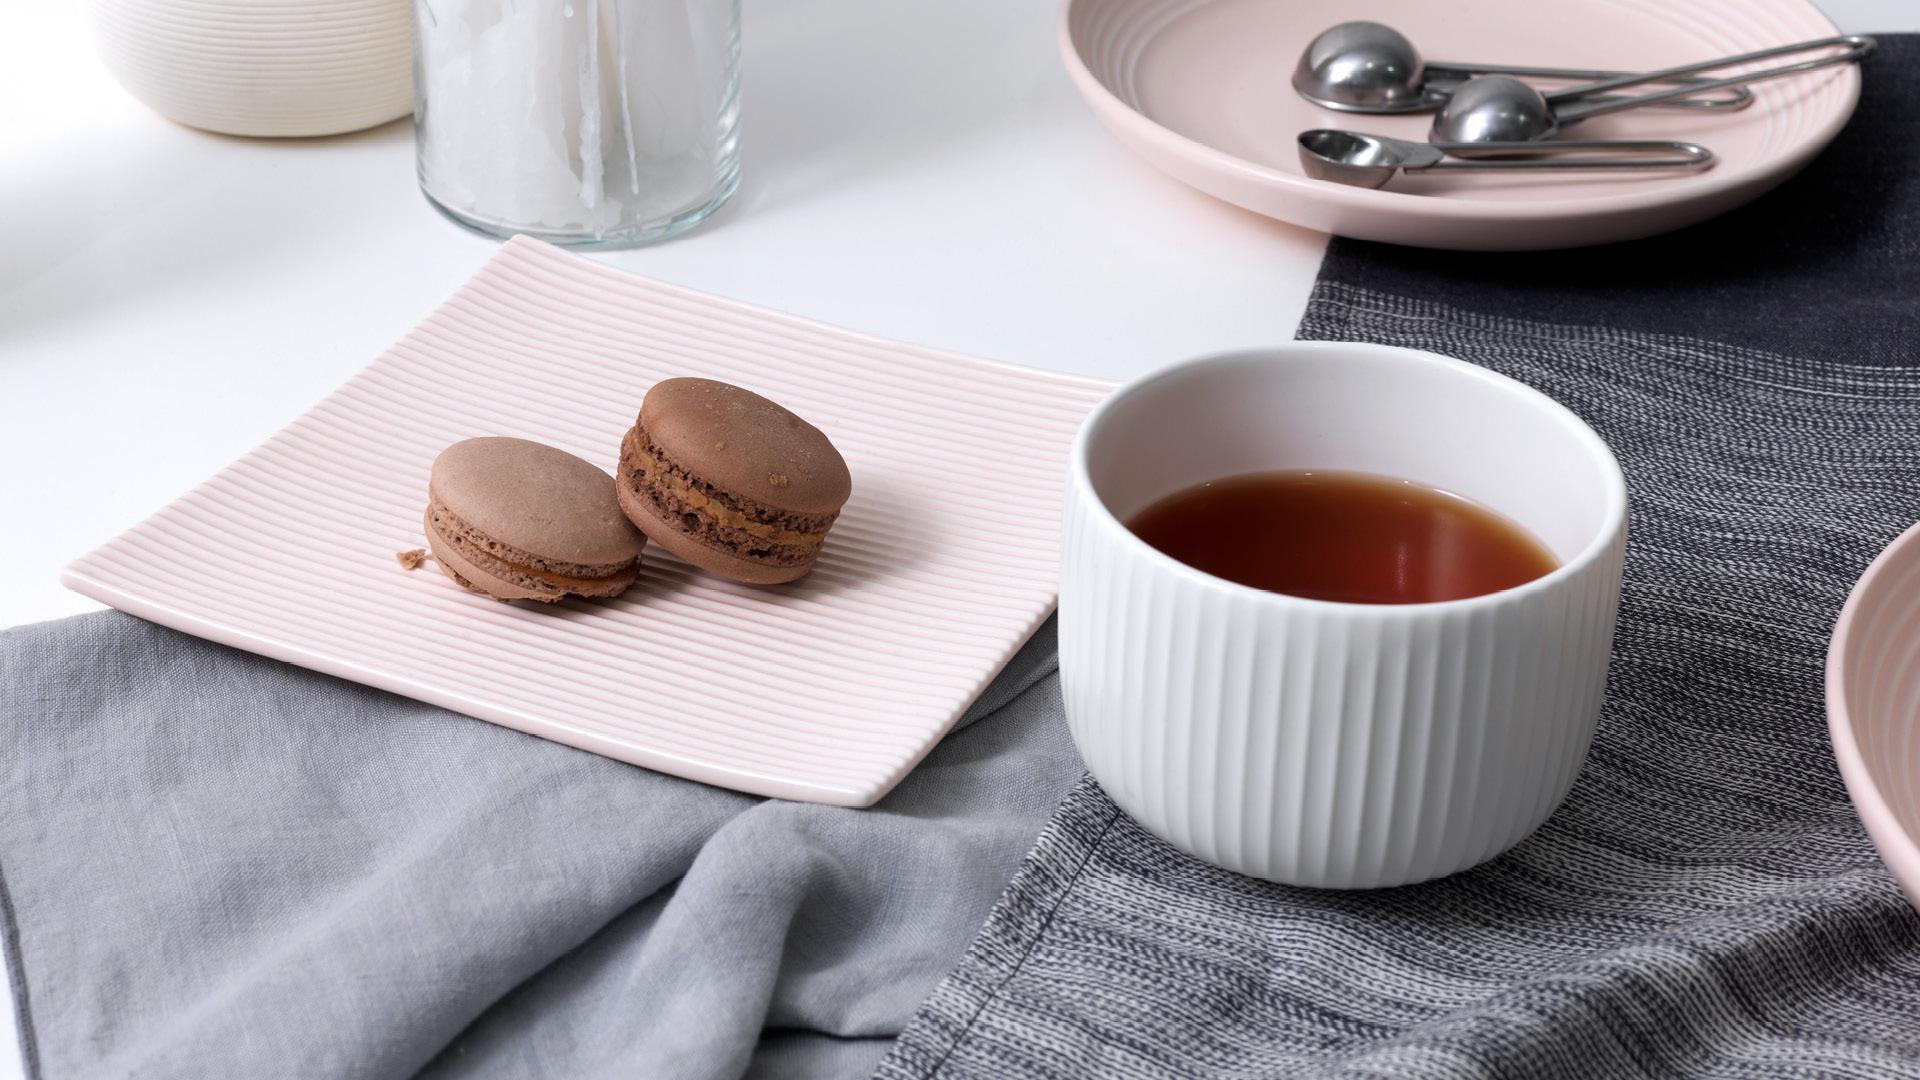 一茶一食,细品雅致午后时光